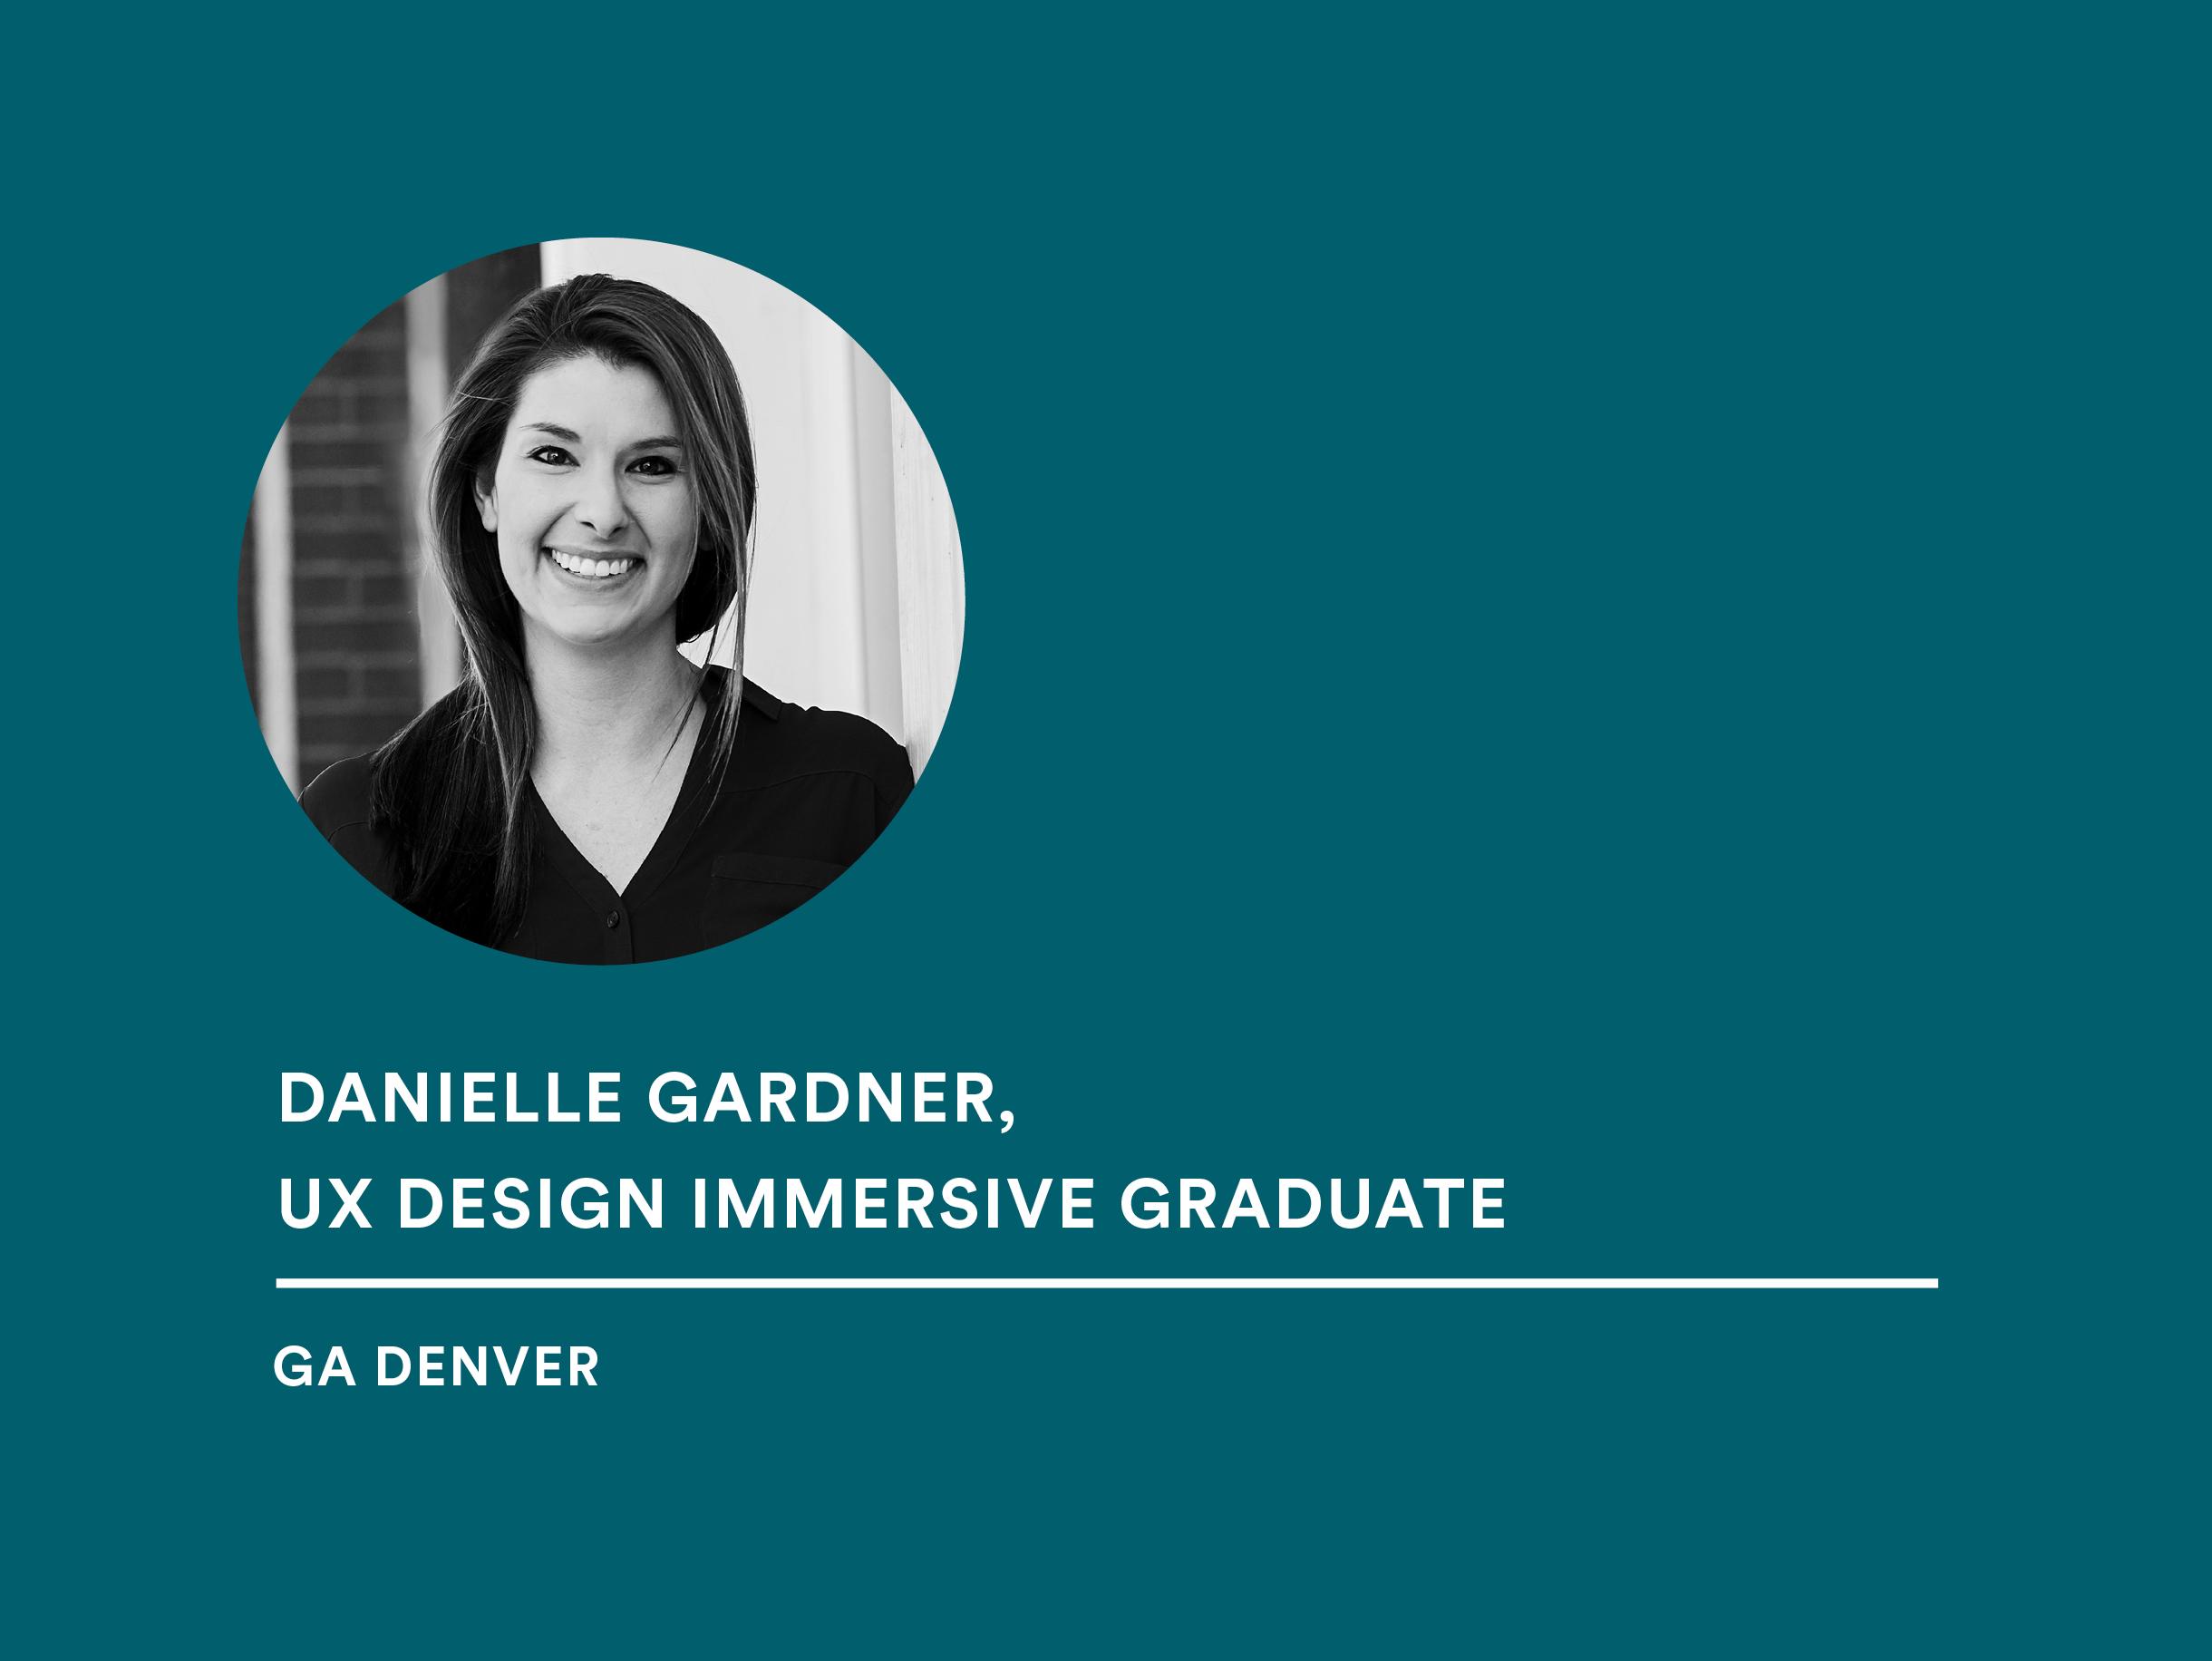 Student Danielle Gardner